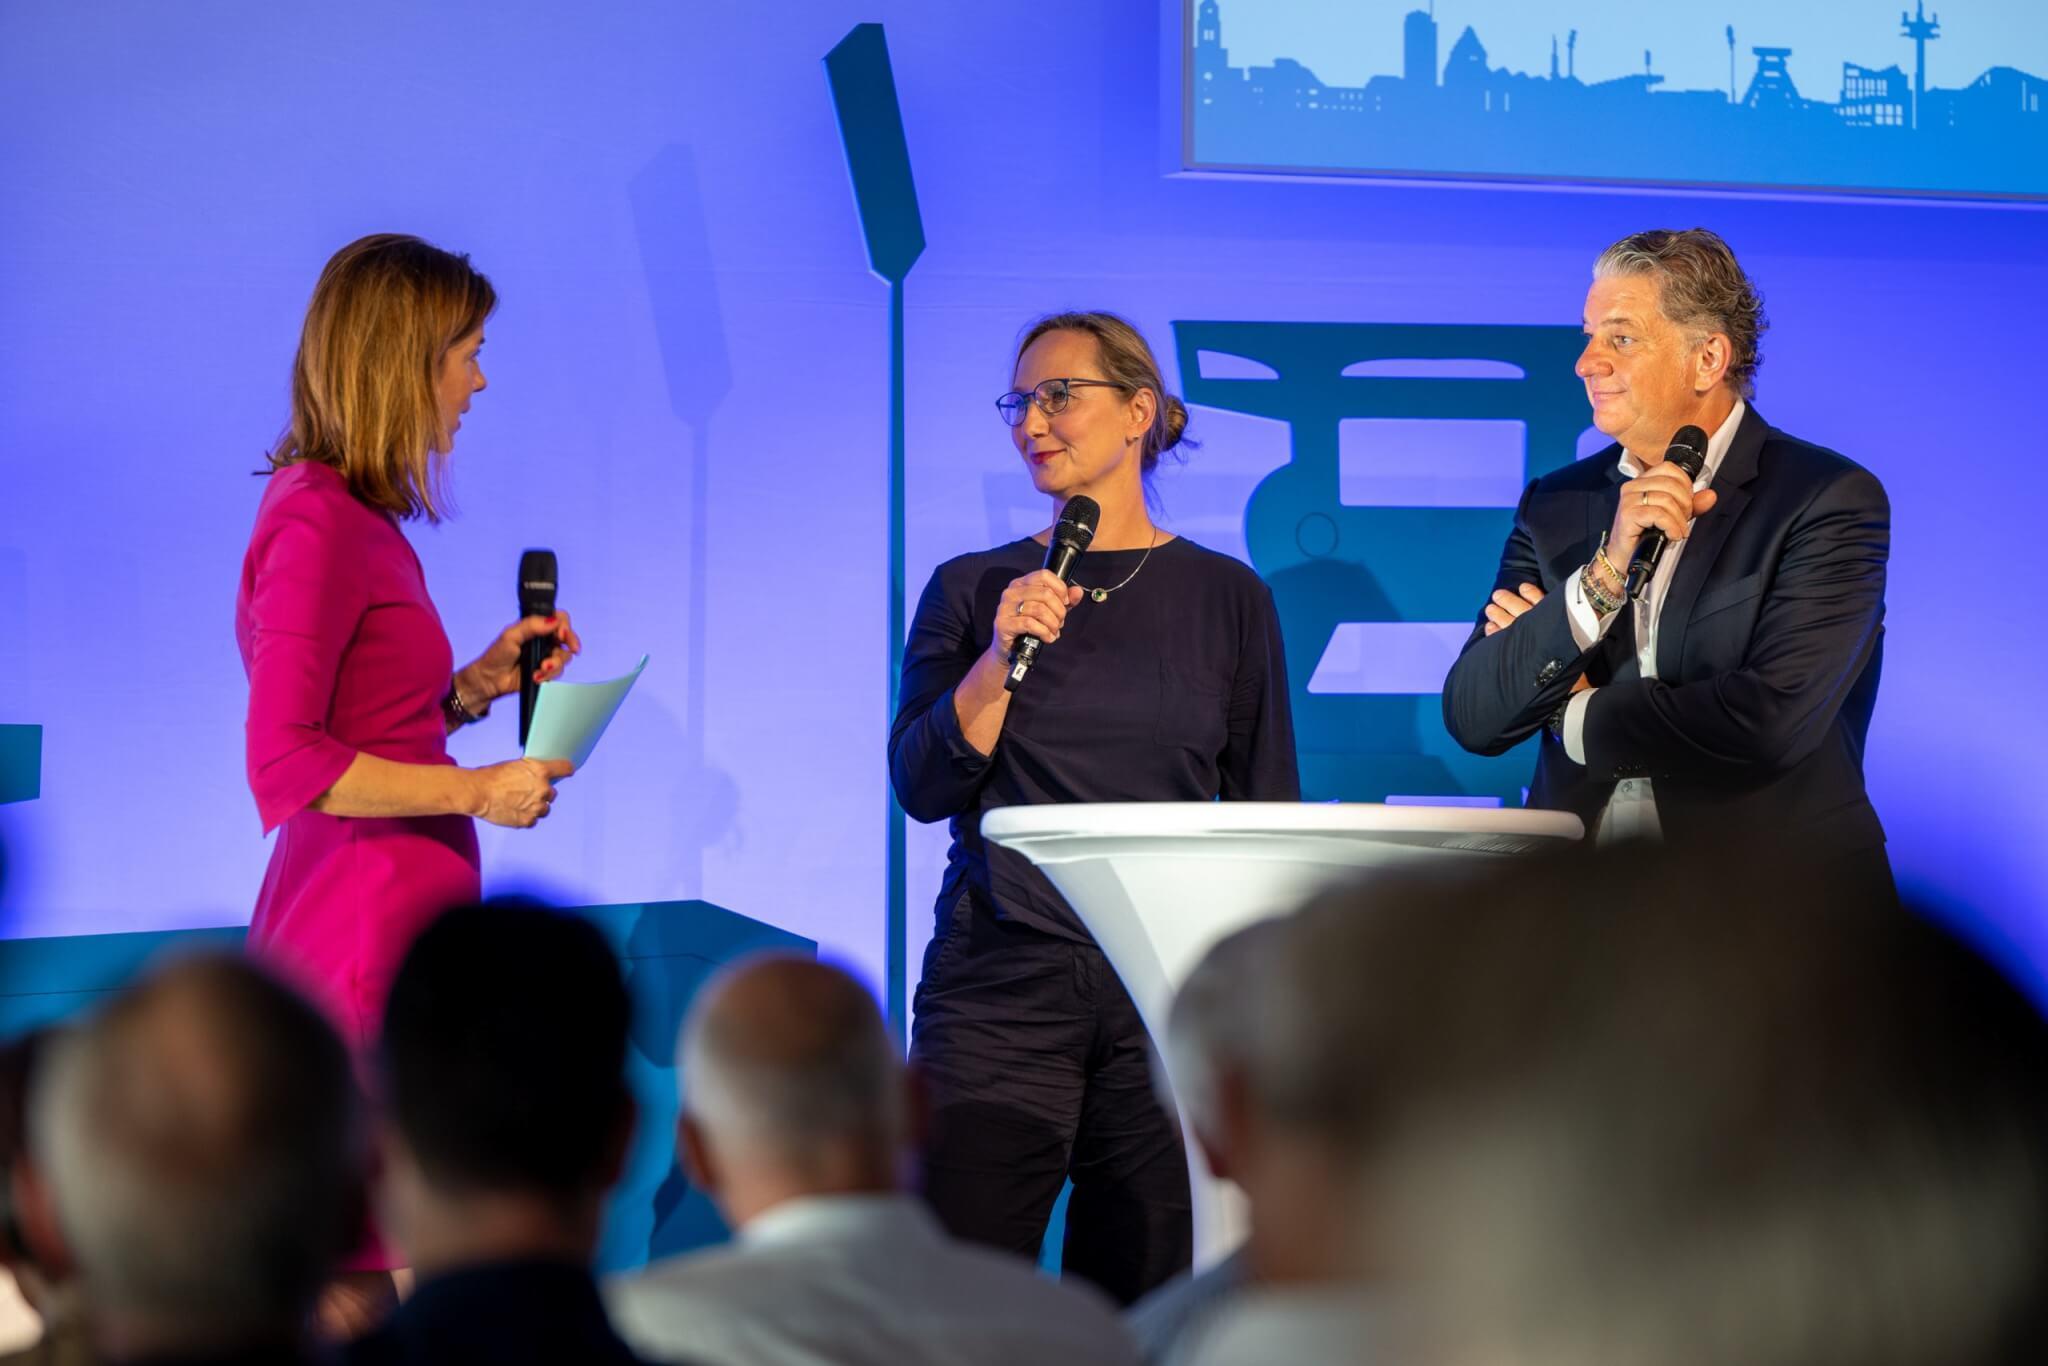 Susanne du Bois und Ralf Kuhlmann sprachen mit Moderatorin Anja Bröker über ihr Projekt MENSCHEMÖGLICHES e.V.